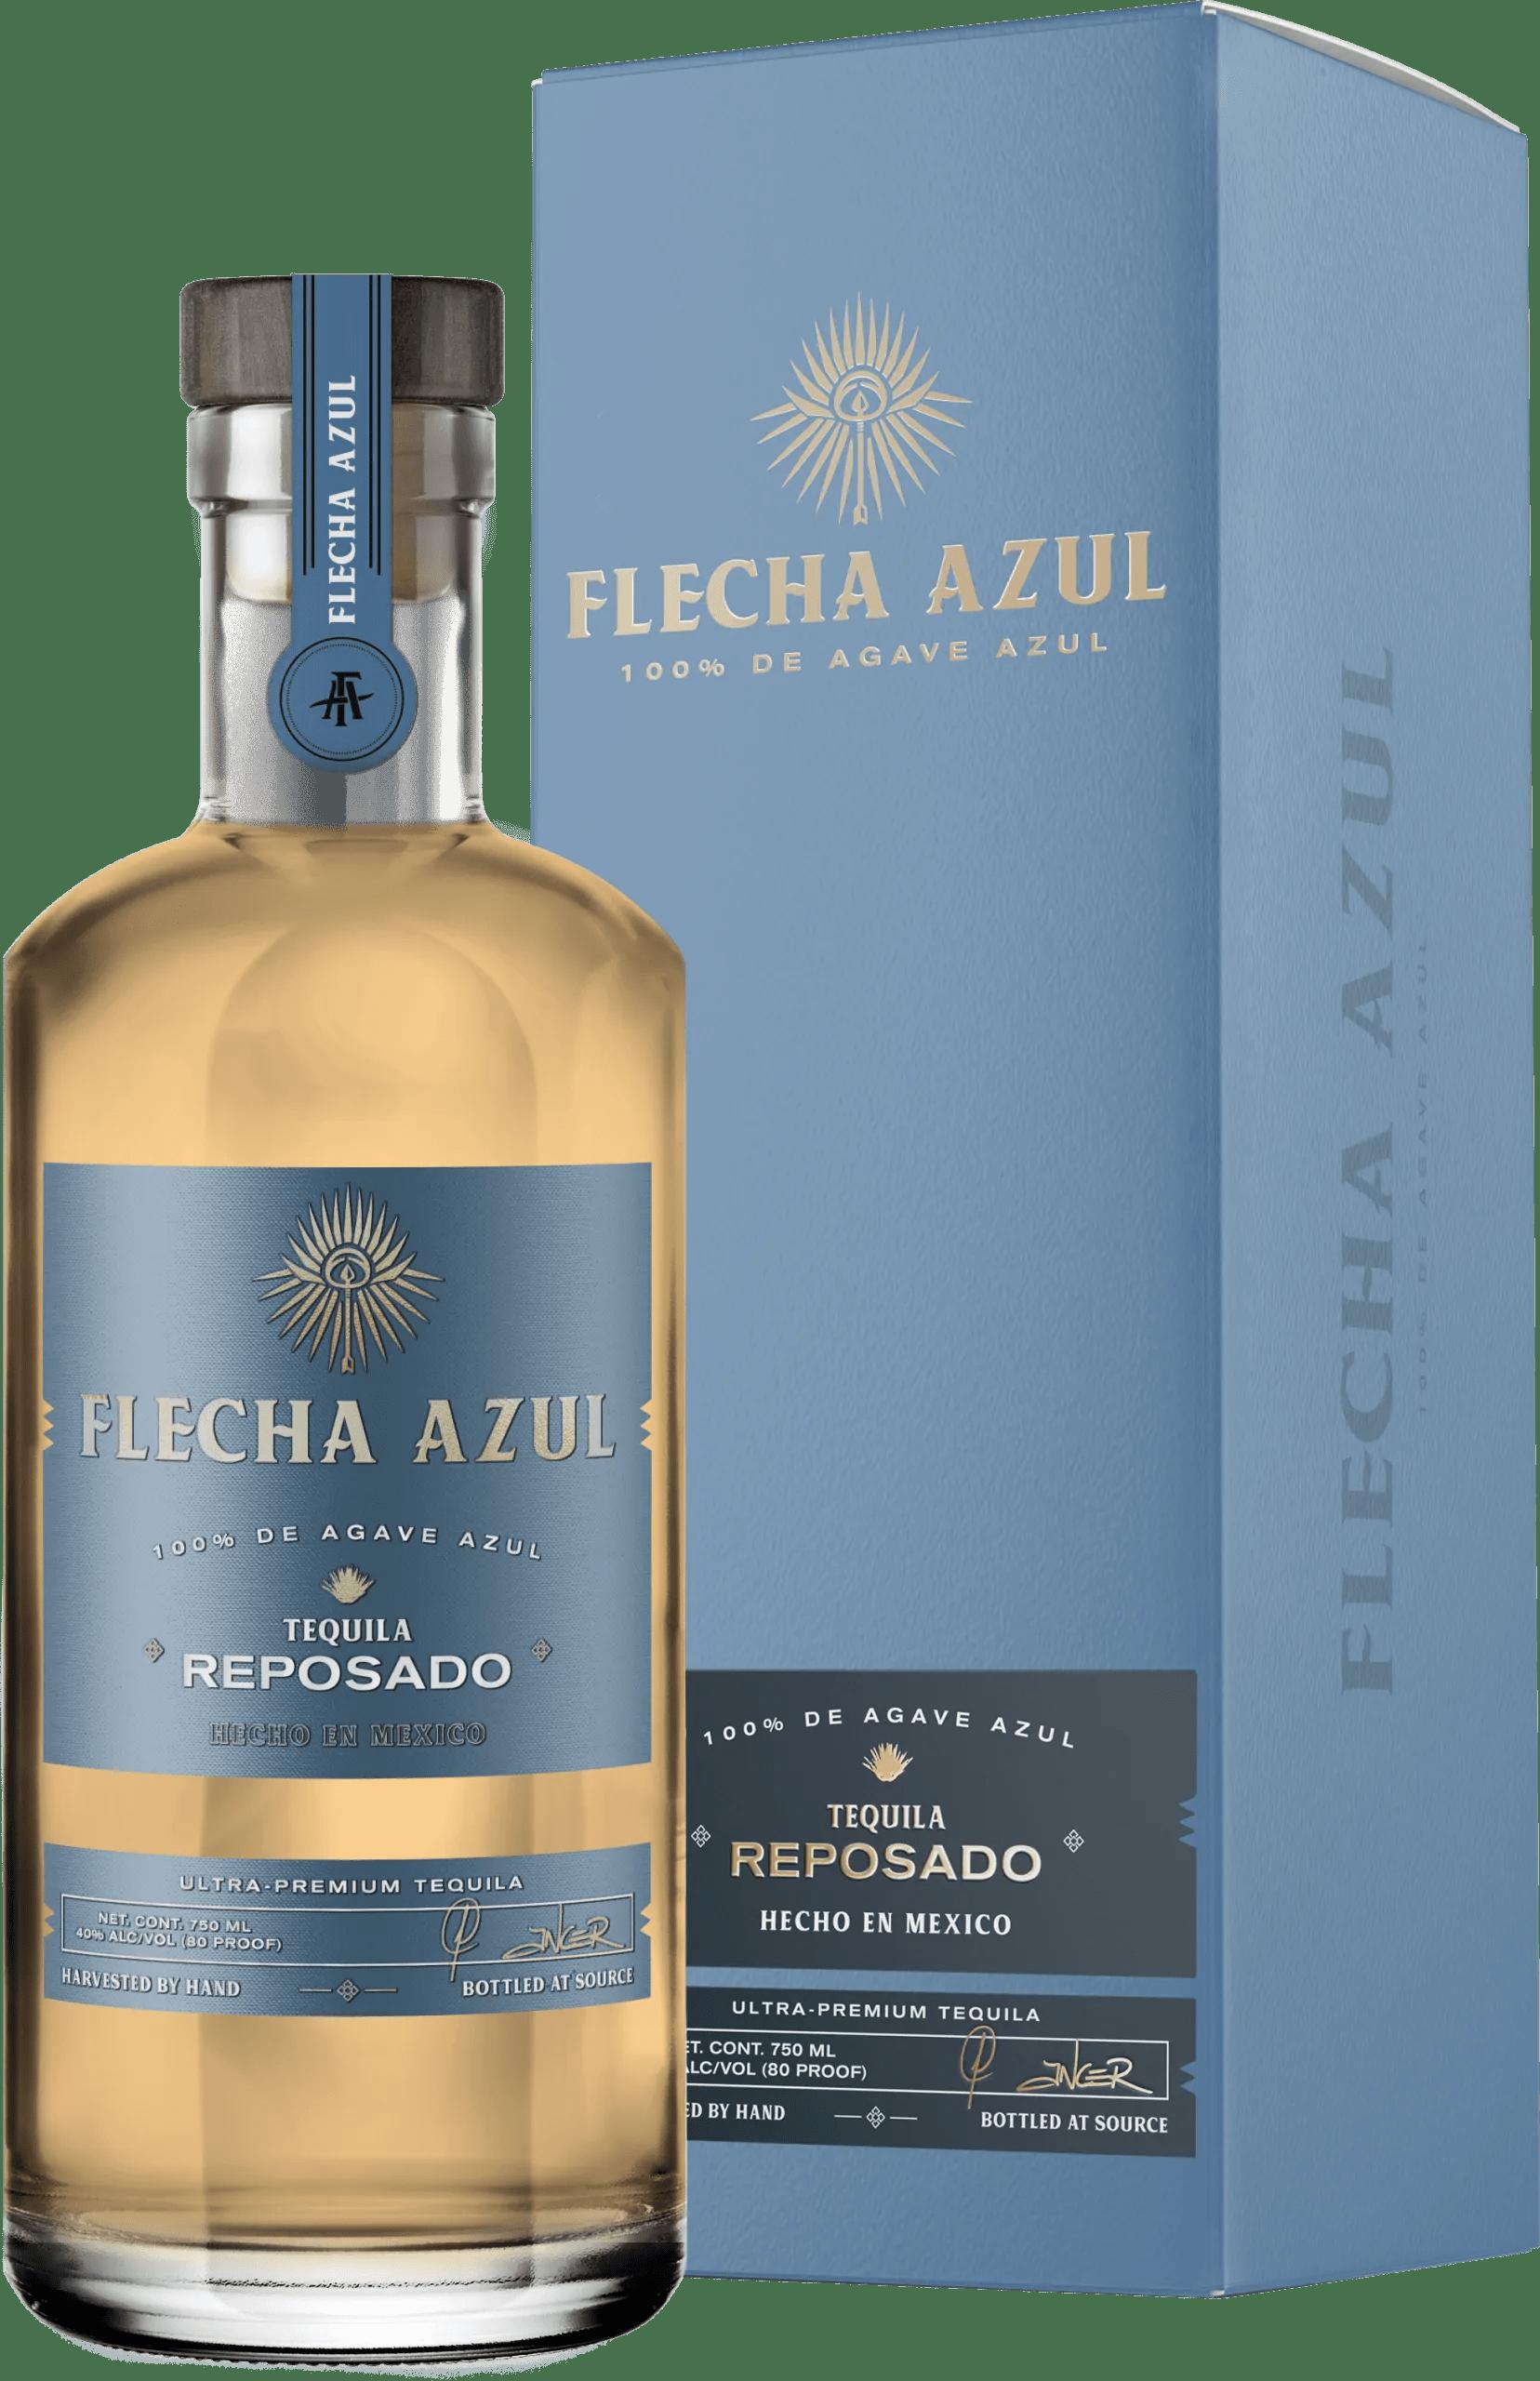 Flecha Azul Tequila - Premium Reposado Tequila and box